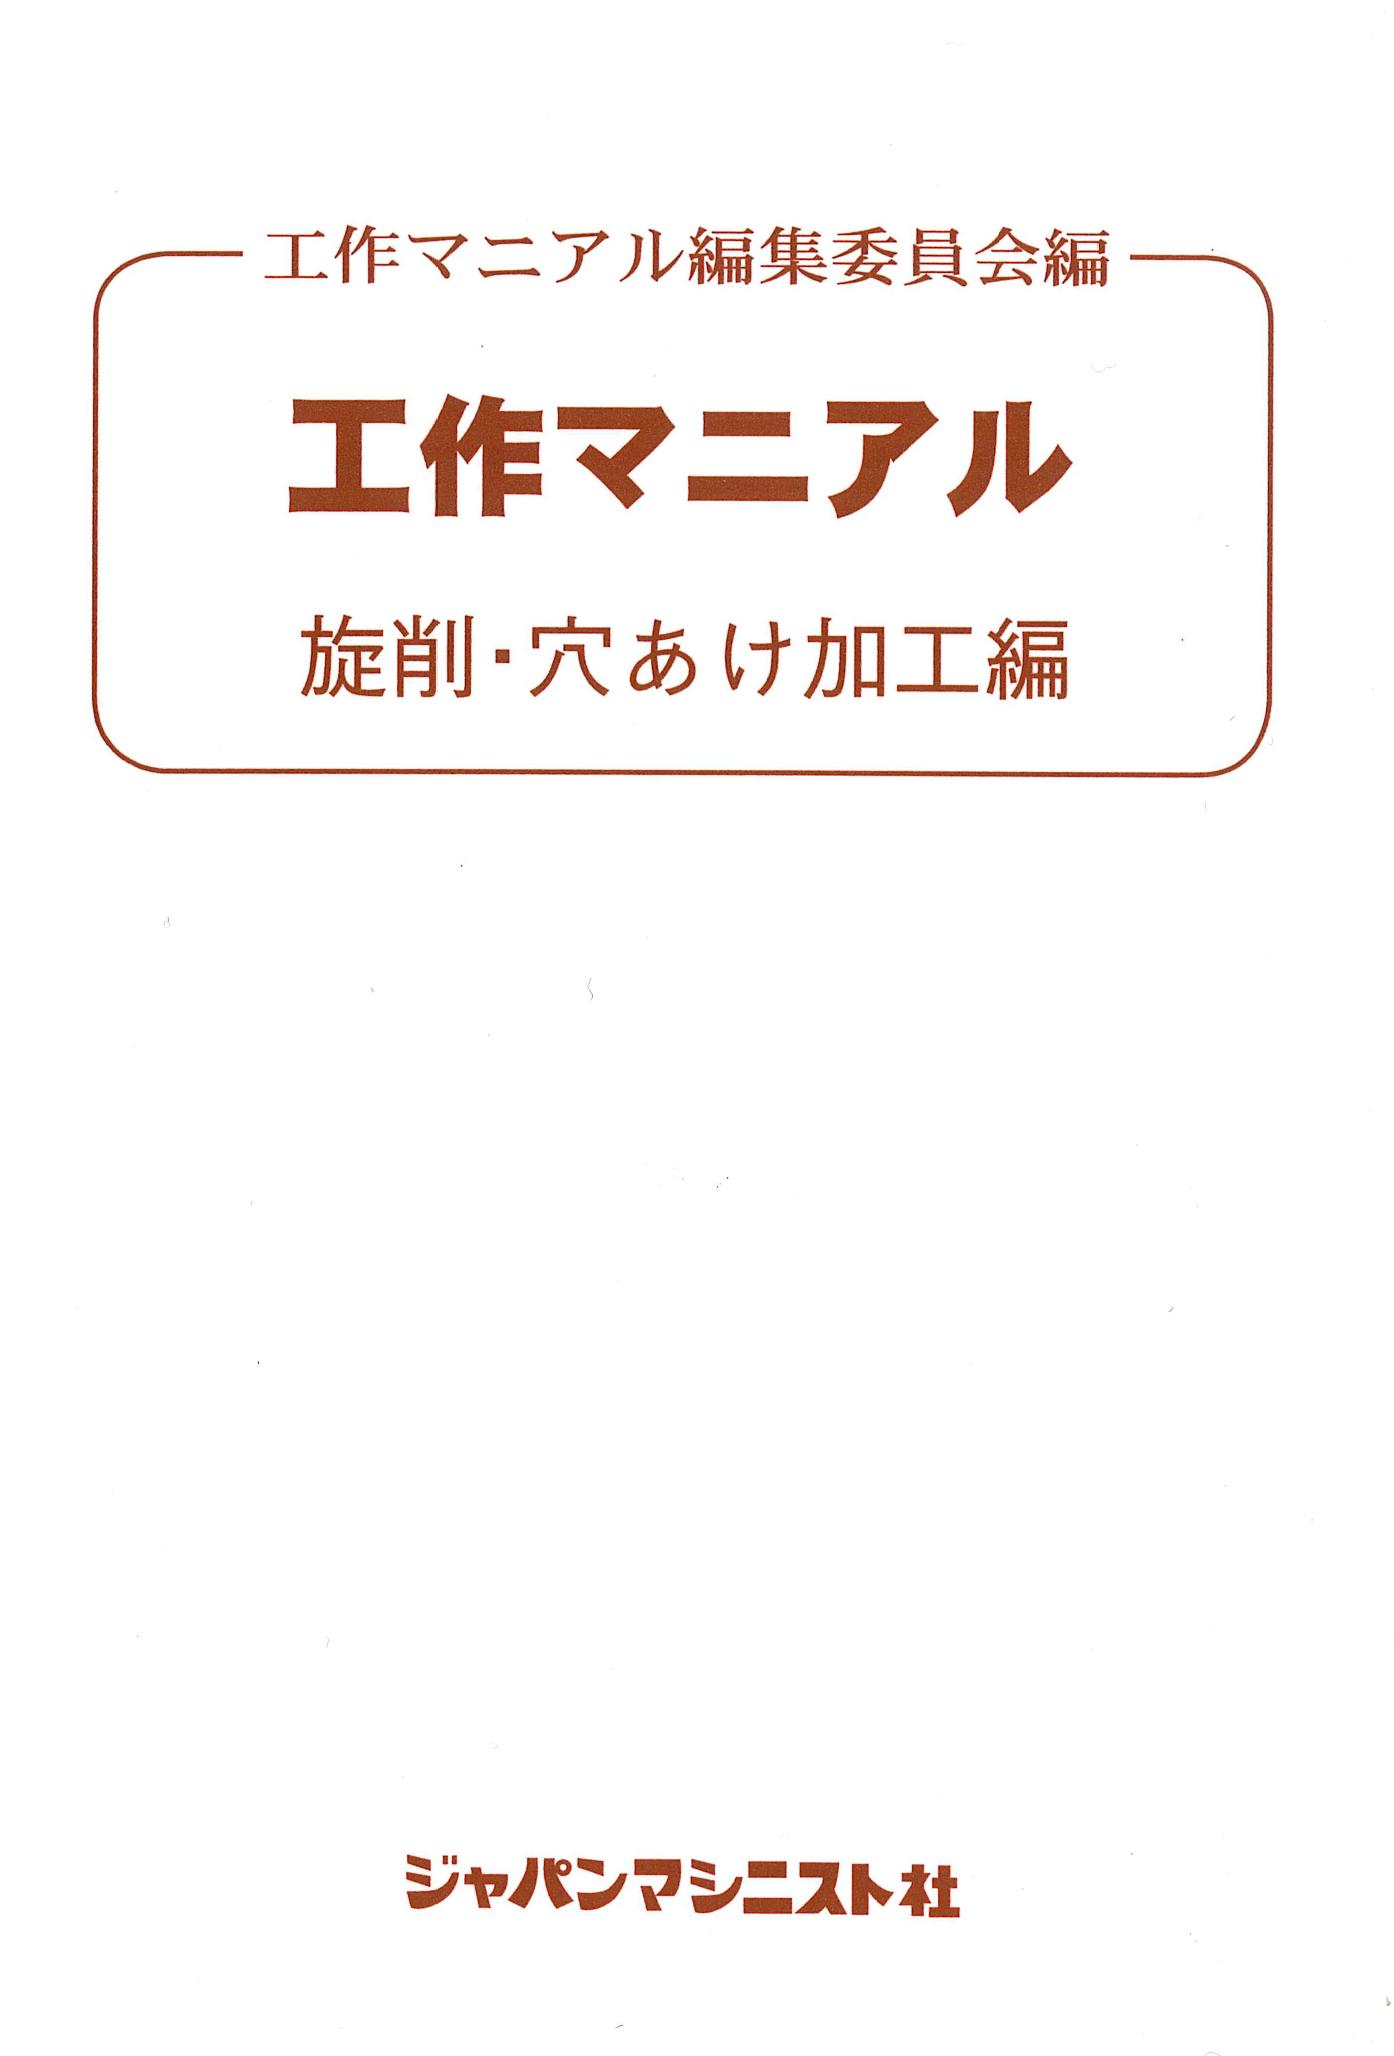 工作マニアル/旋削・穴あけ加工編